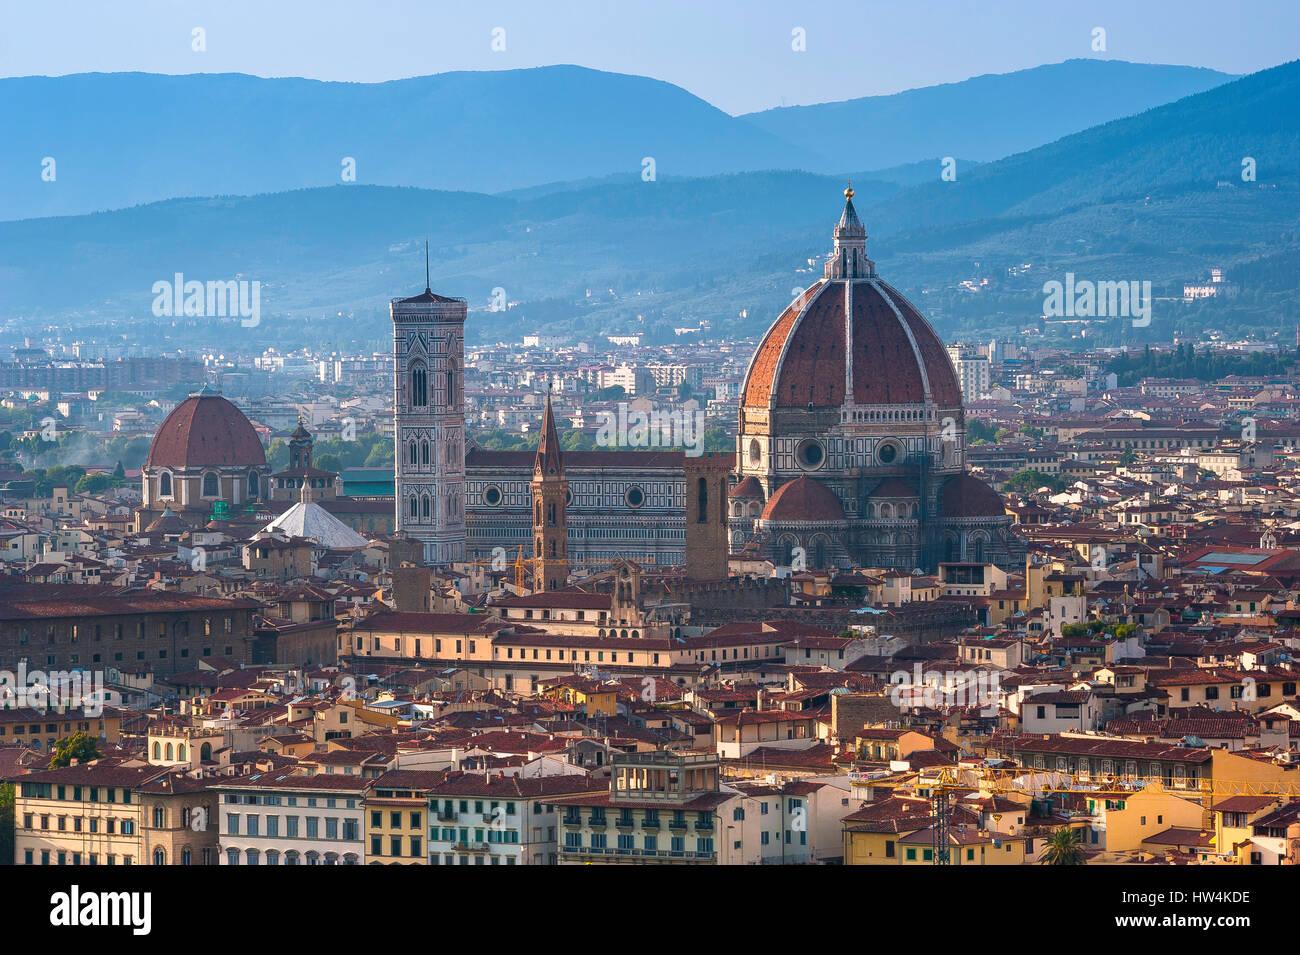 La cathédrale de Florence, vue de la cathédrale avec son dôme de Brunelleschi conçu situé au centre de la ville de Florence, Italie Toscane contre hills Banque D'Images